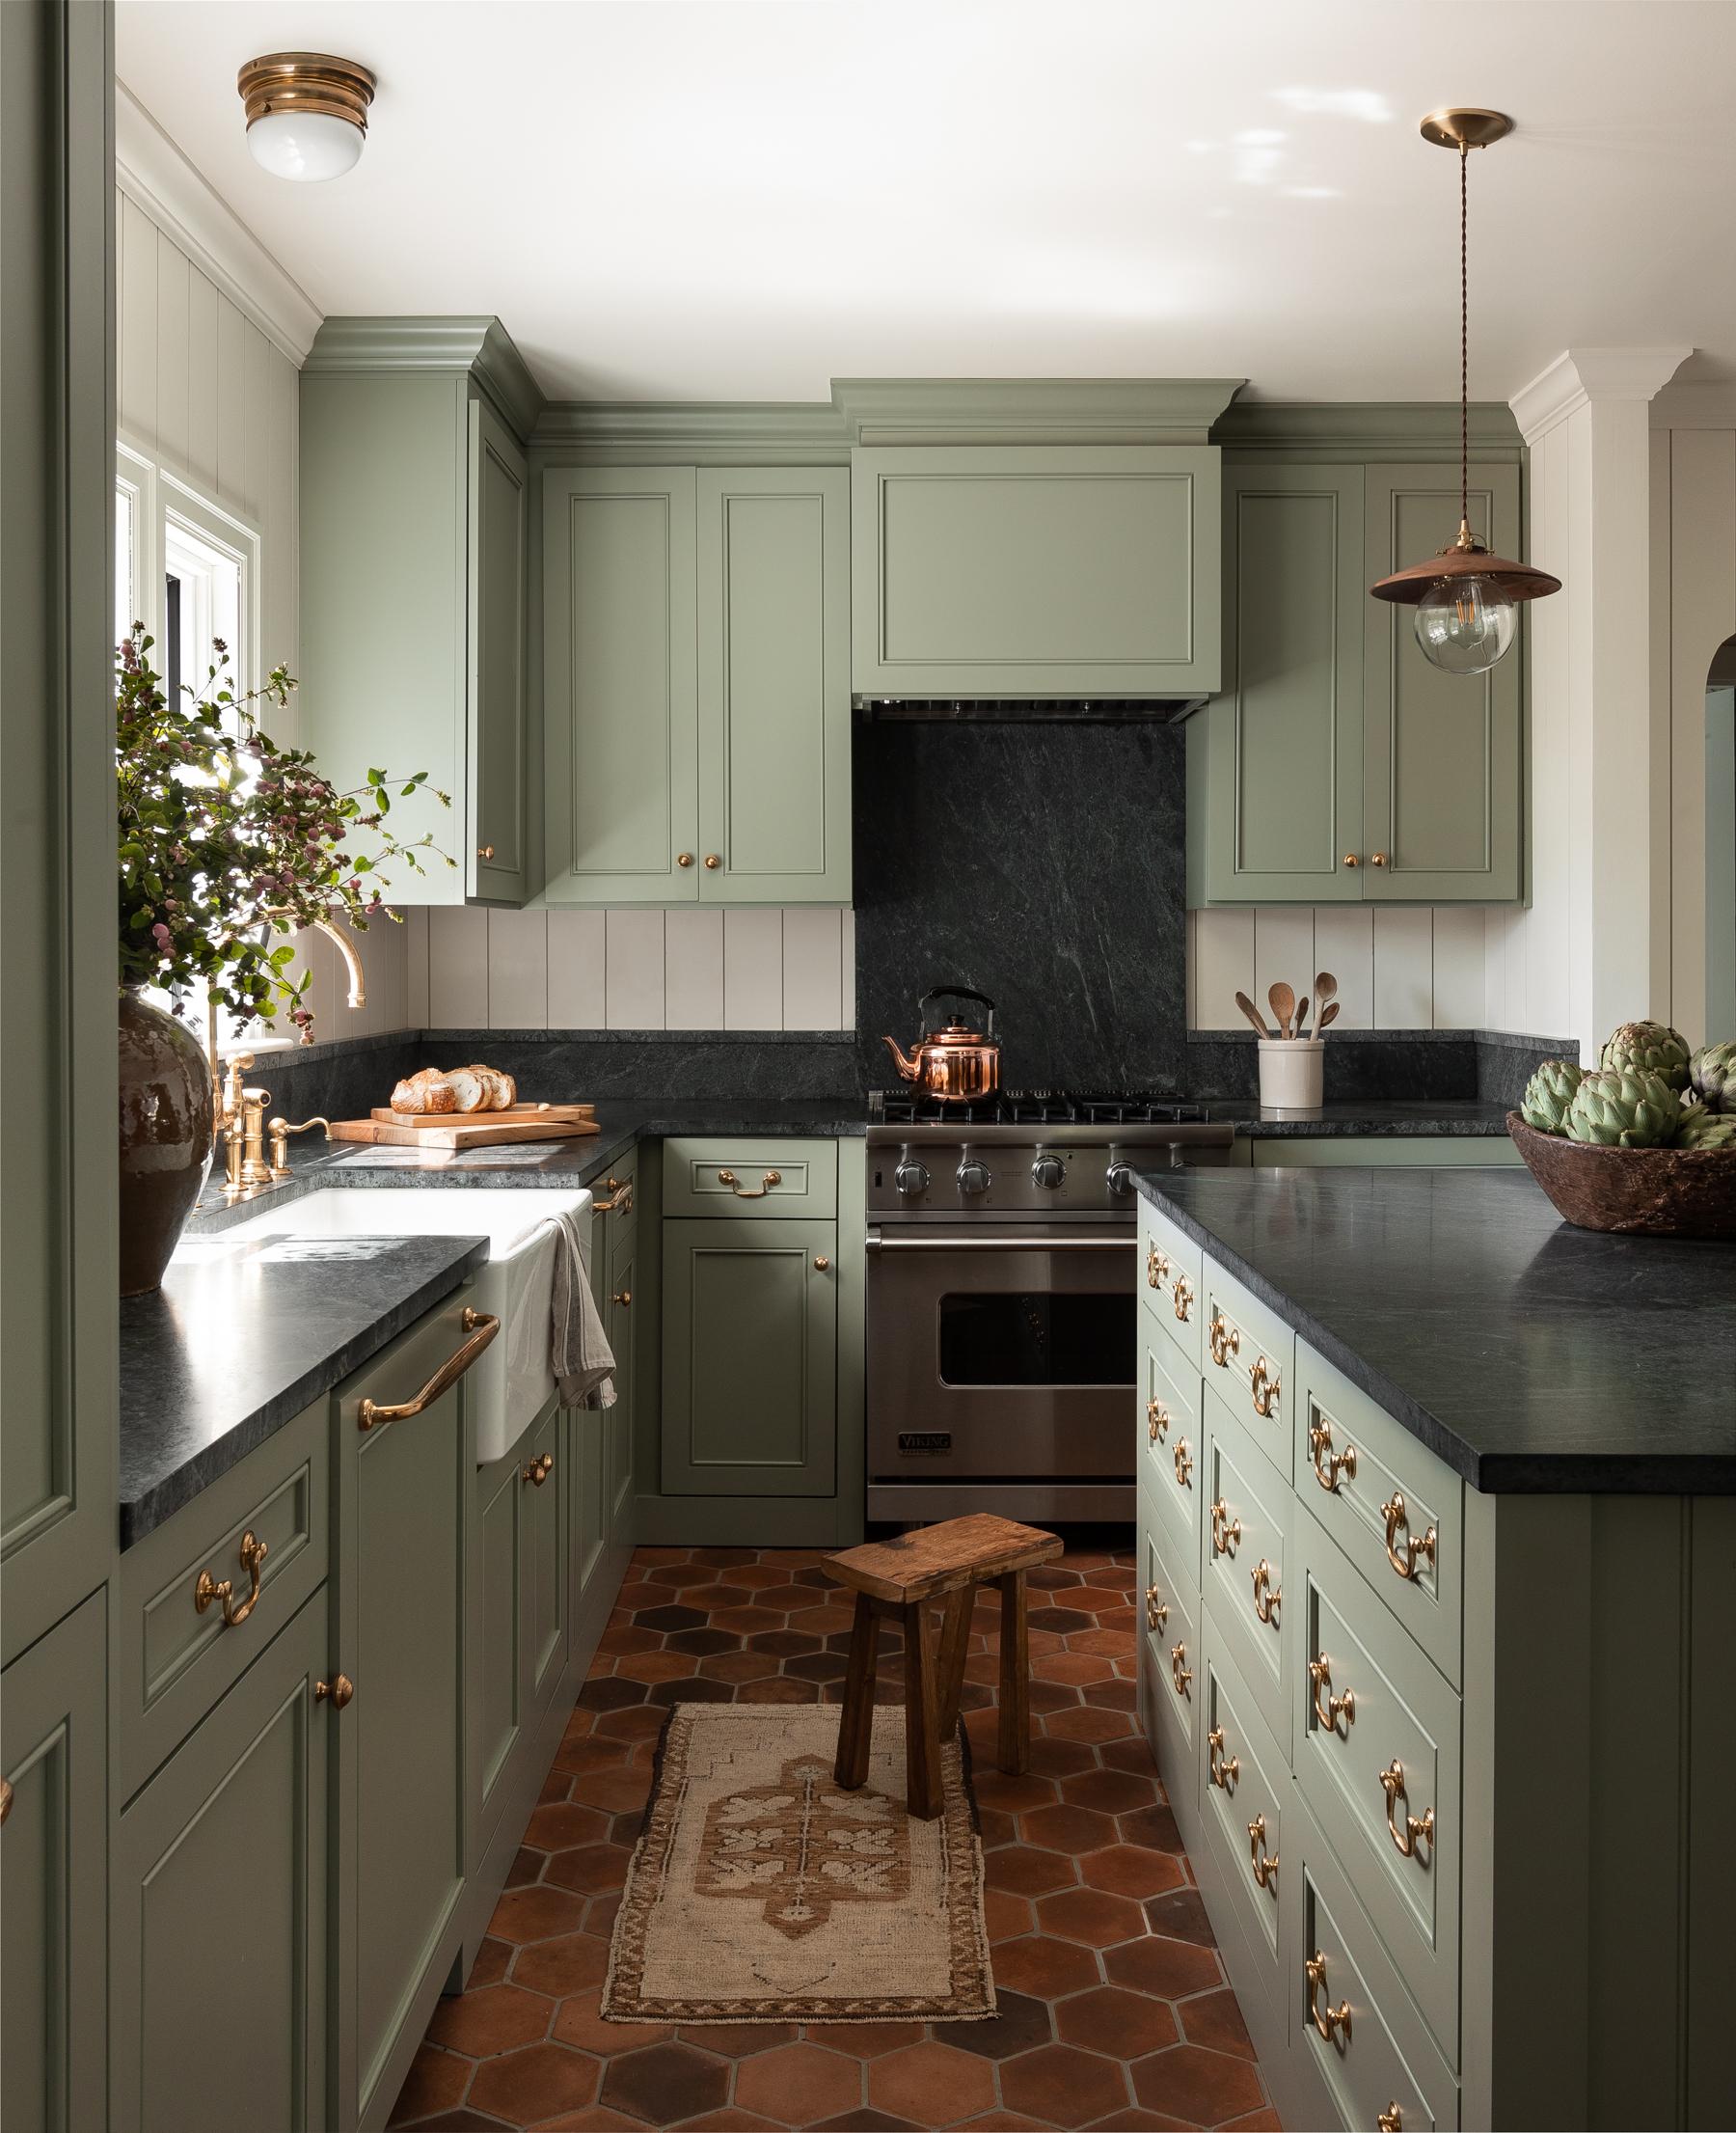 Heidi-Caillier-Design-Seattle-interior-designer-kitchen ...